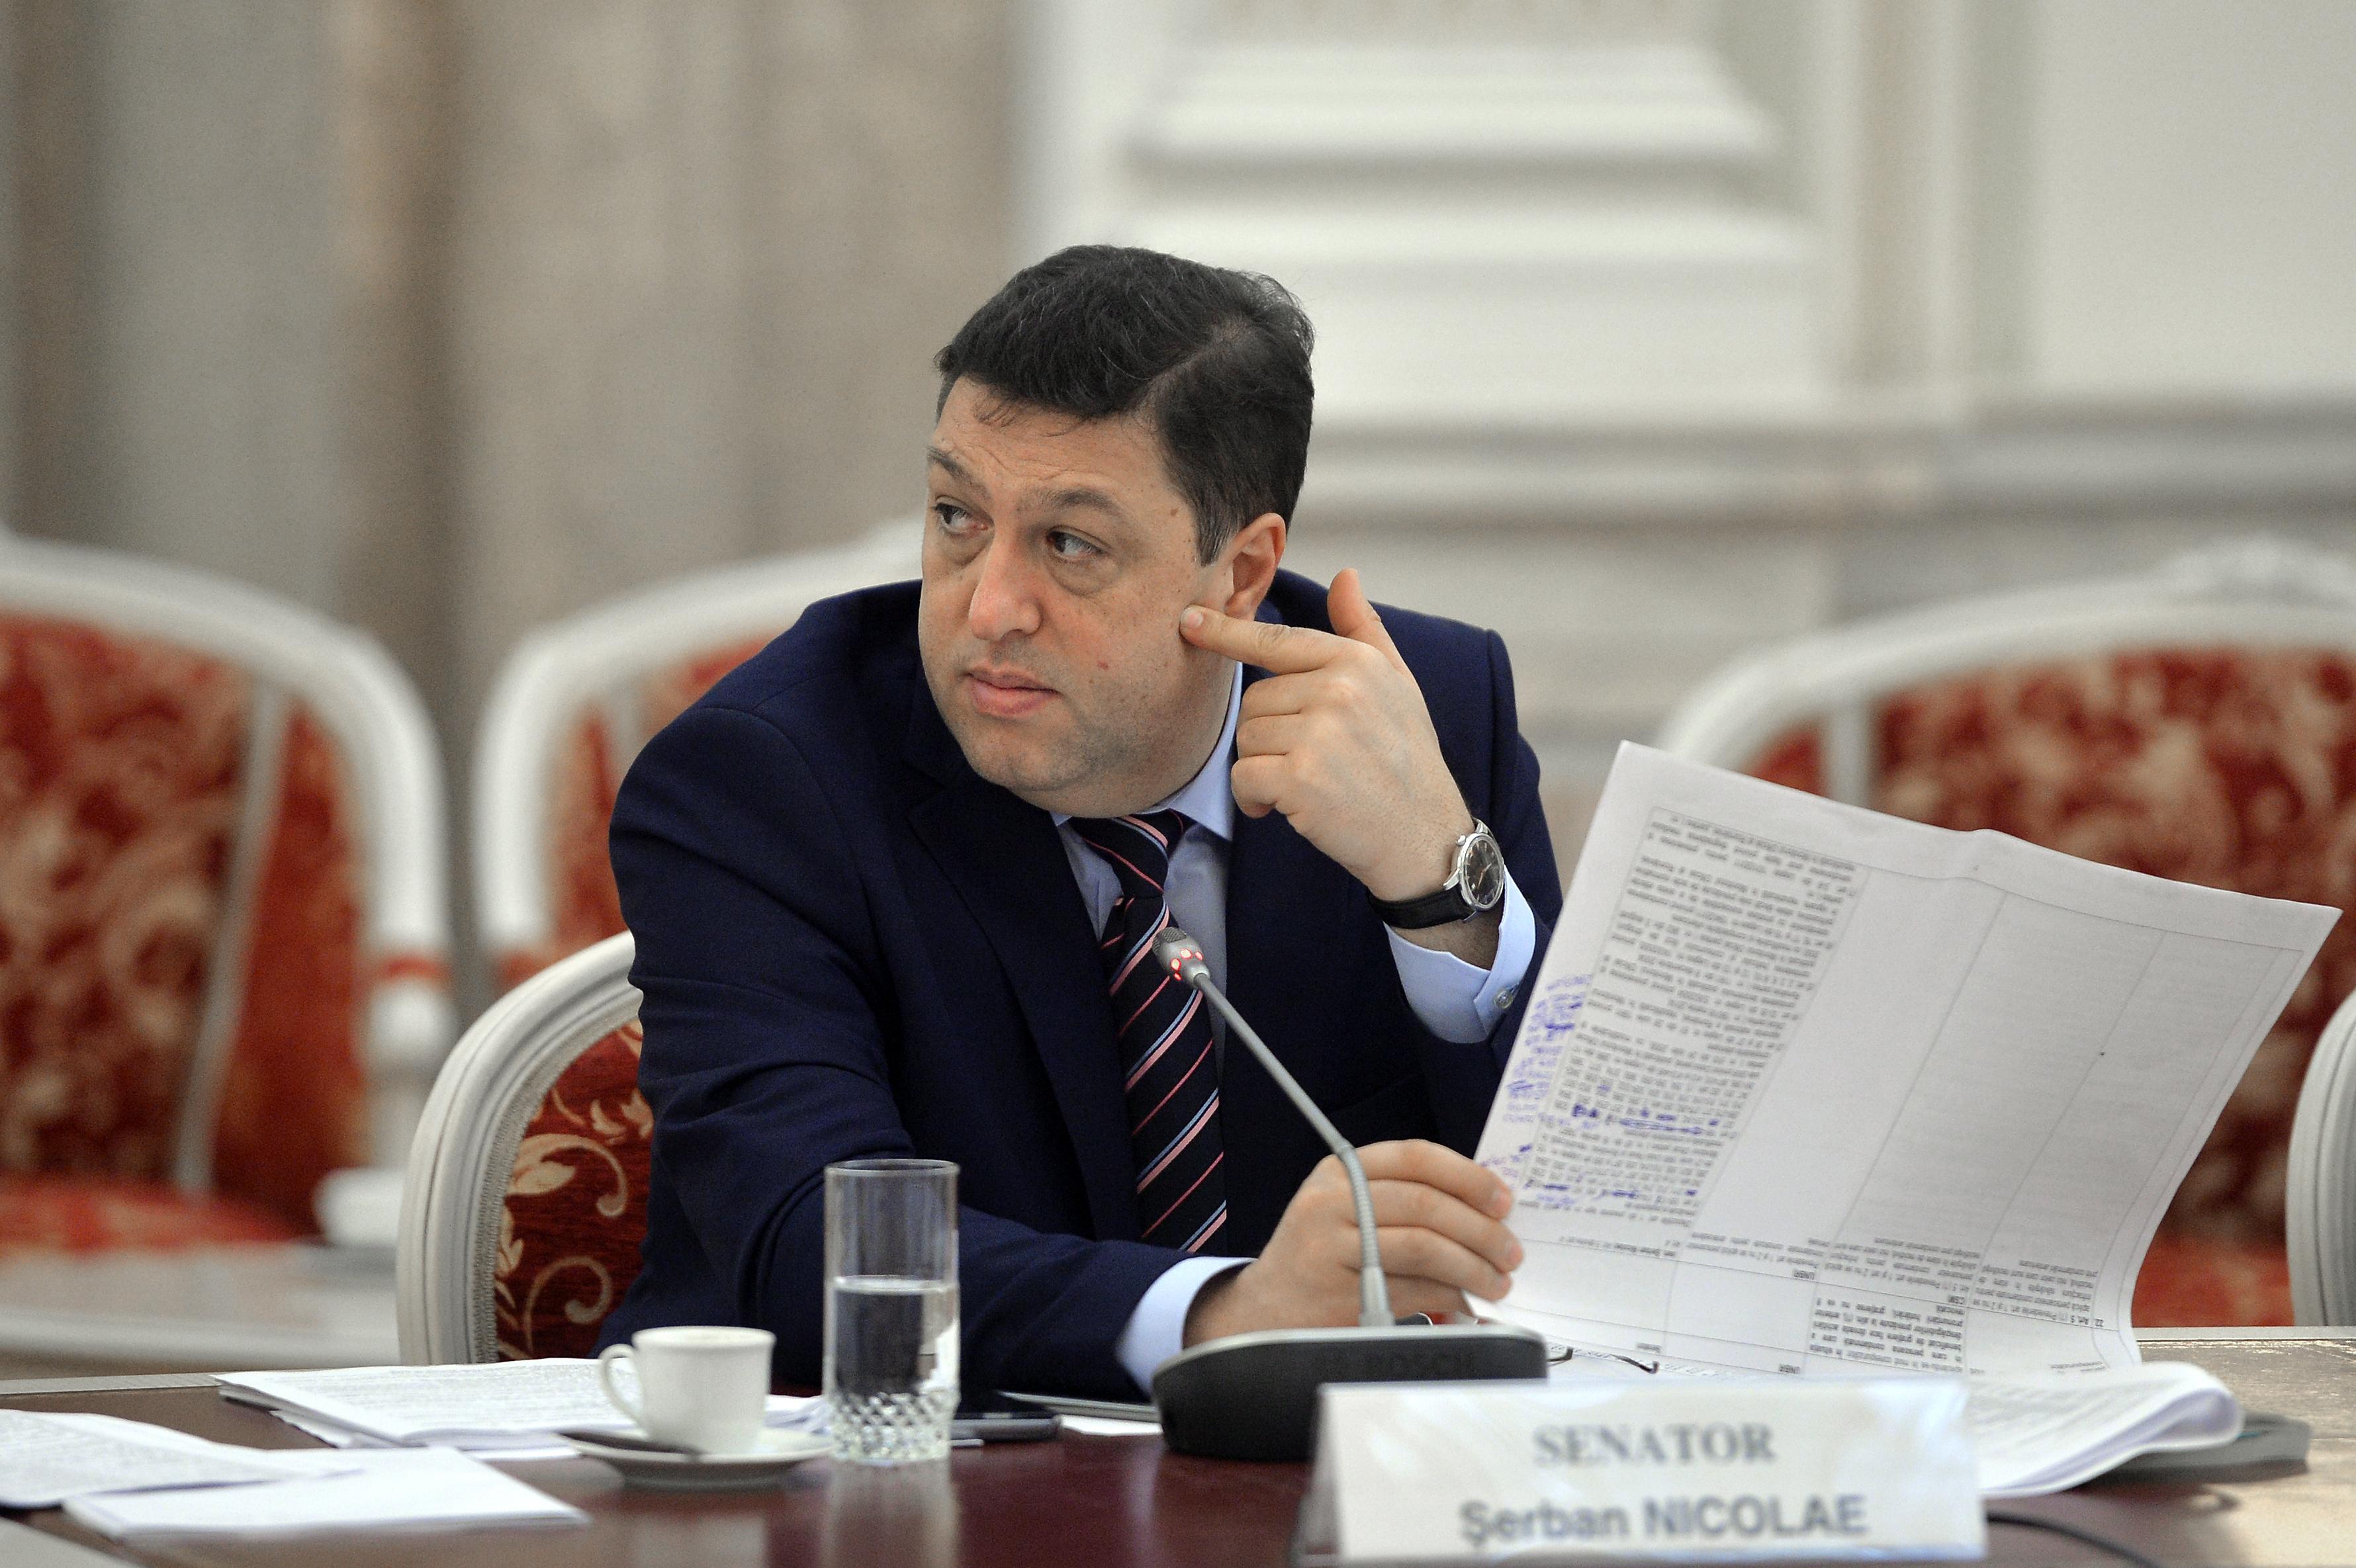 Senatorul PSD Şerban Nicolae propune prelungirea perioadei de pregătire de magistraţilor de la 2 la 4 ani